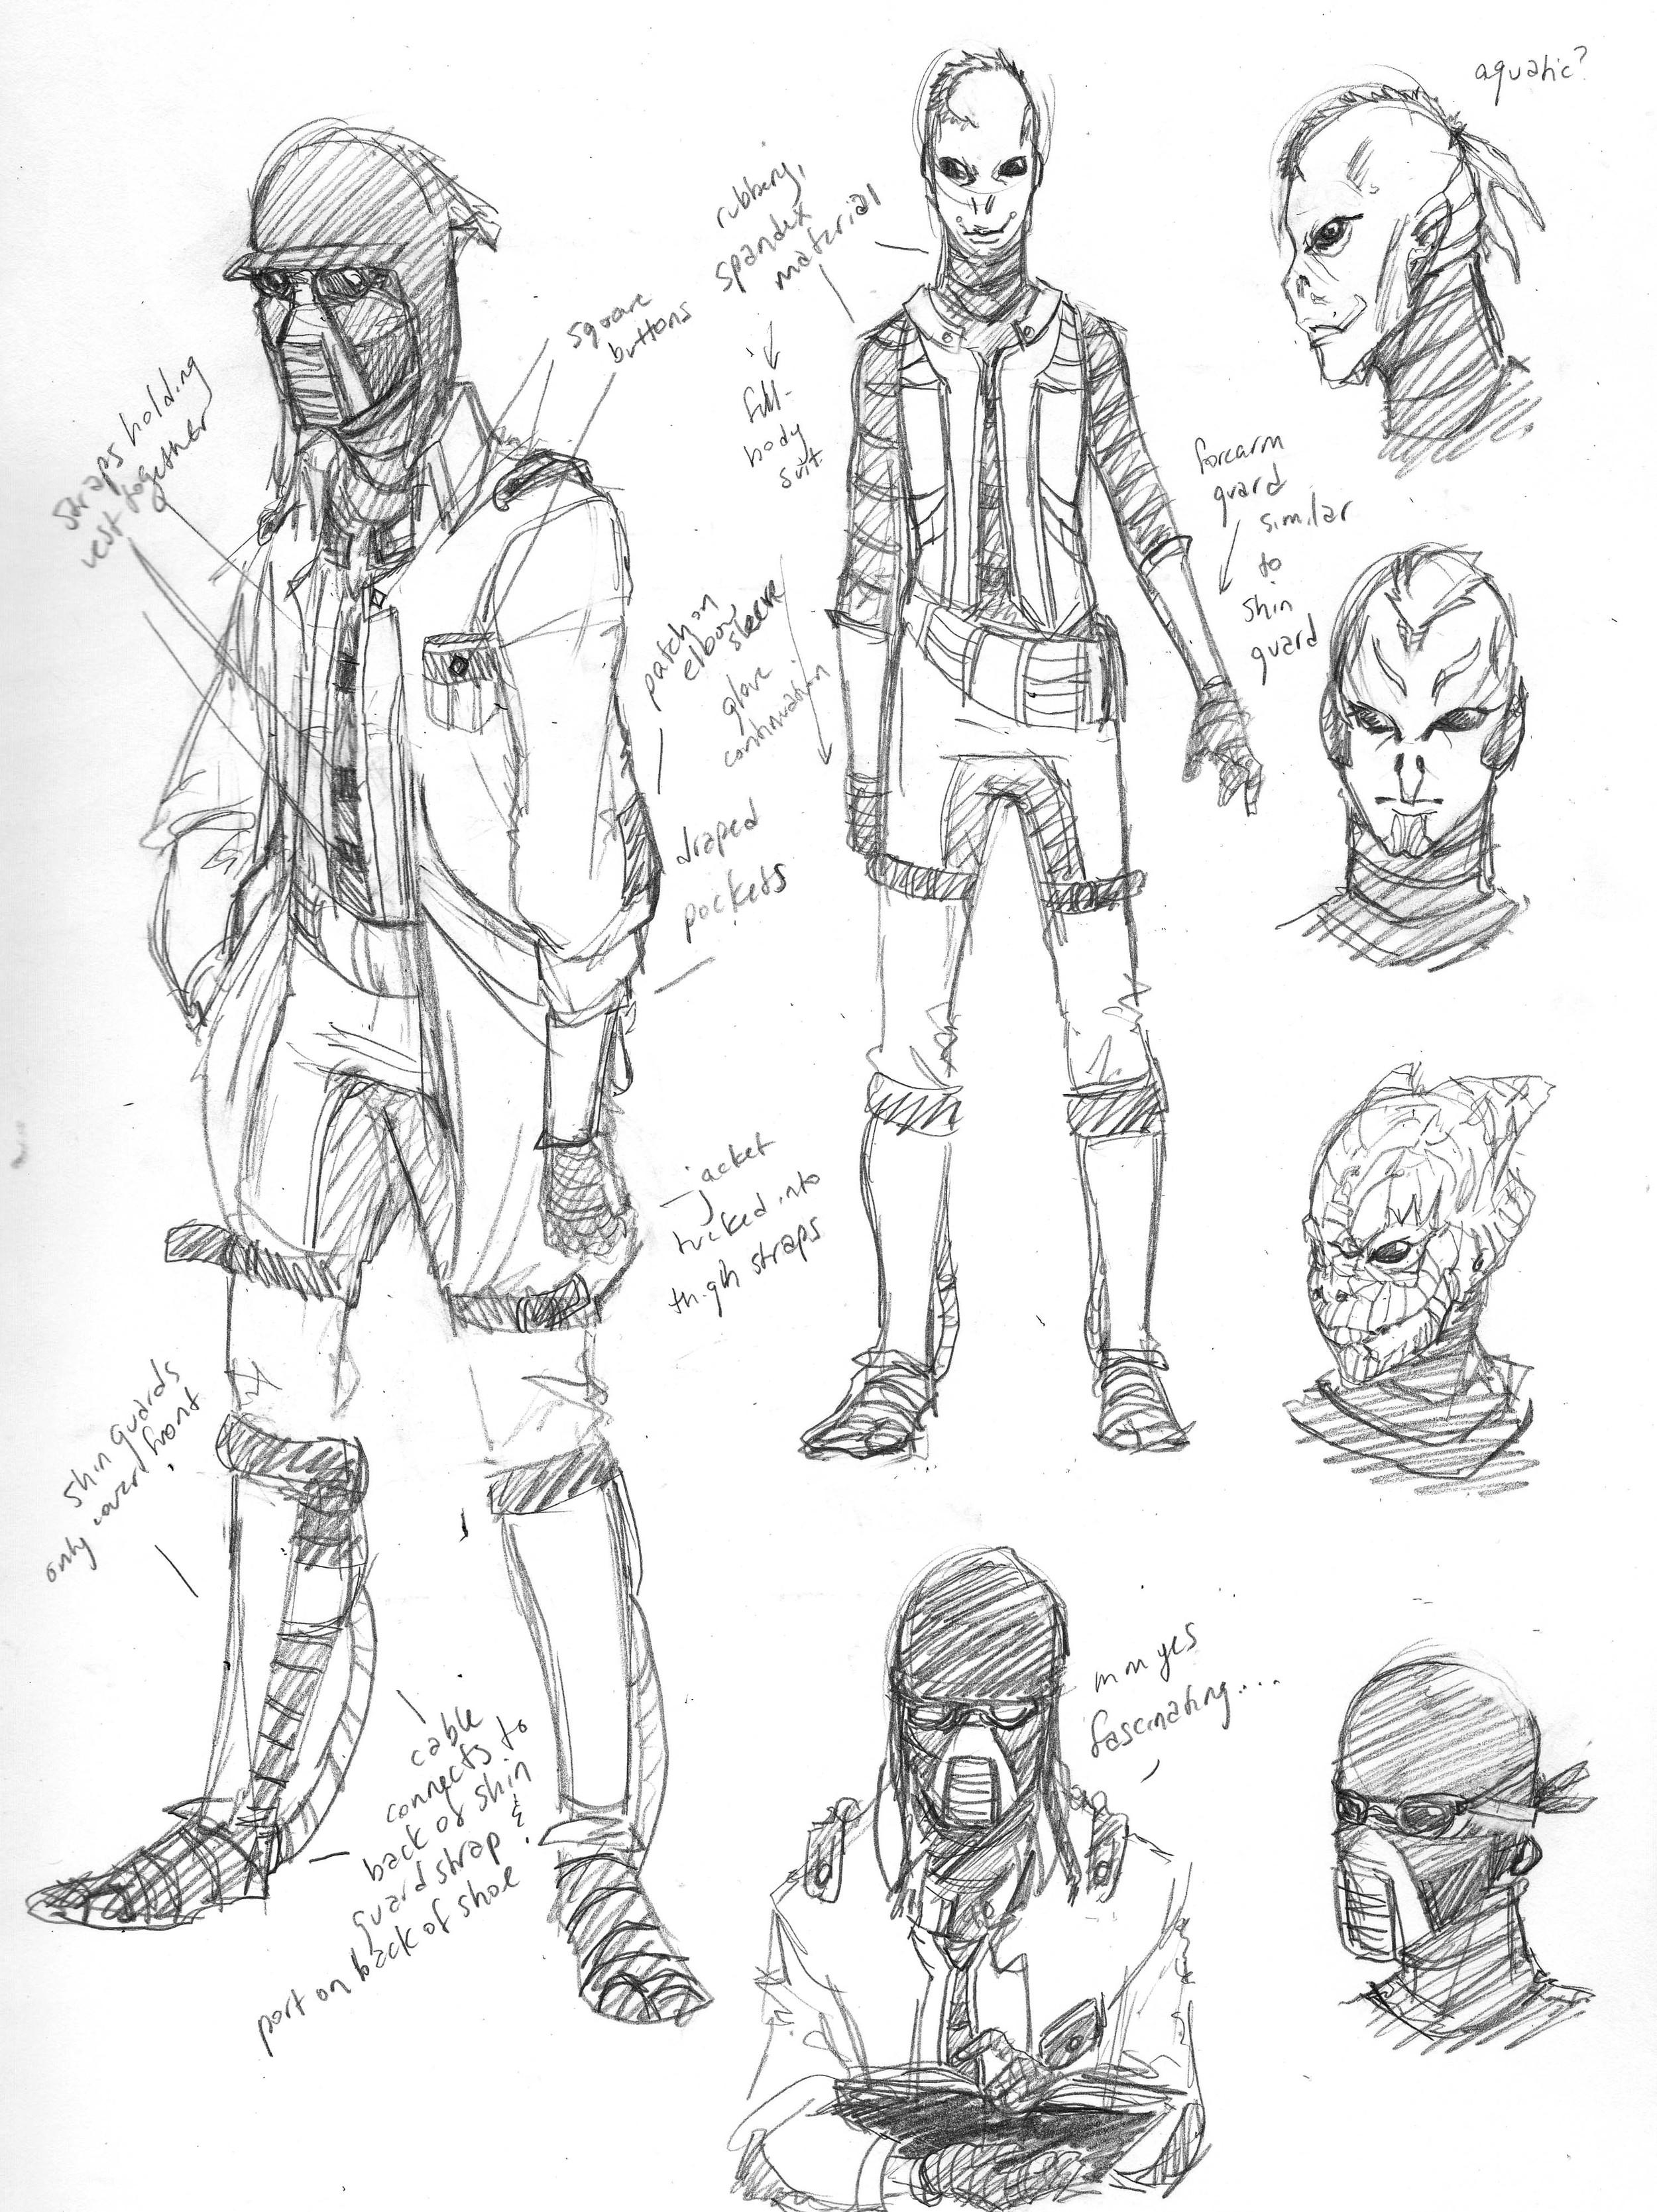 character sheet - rael sketches.jpg